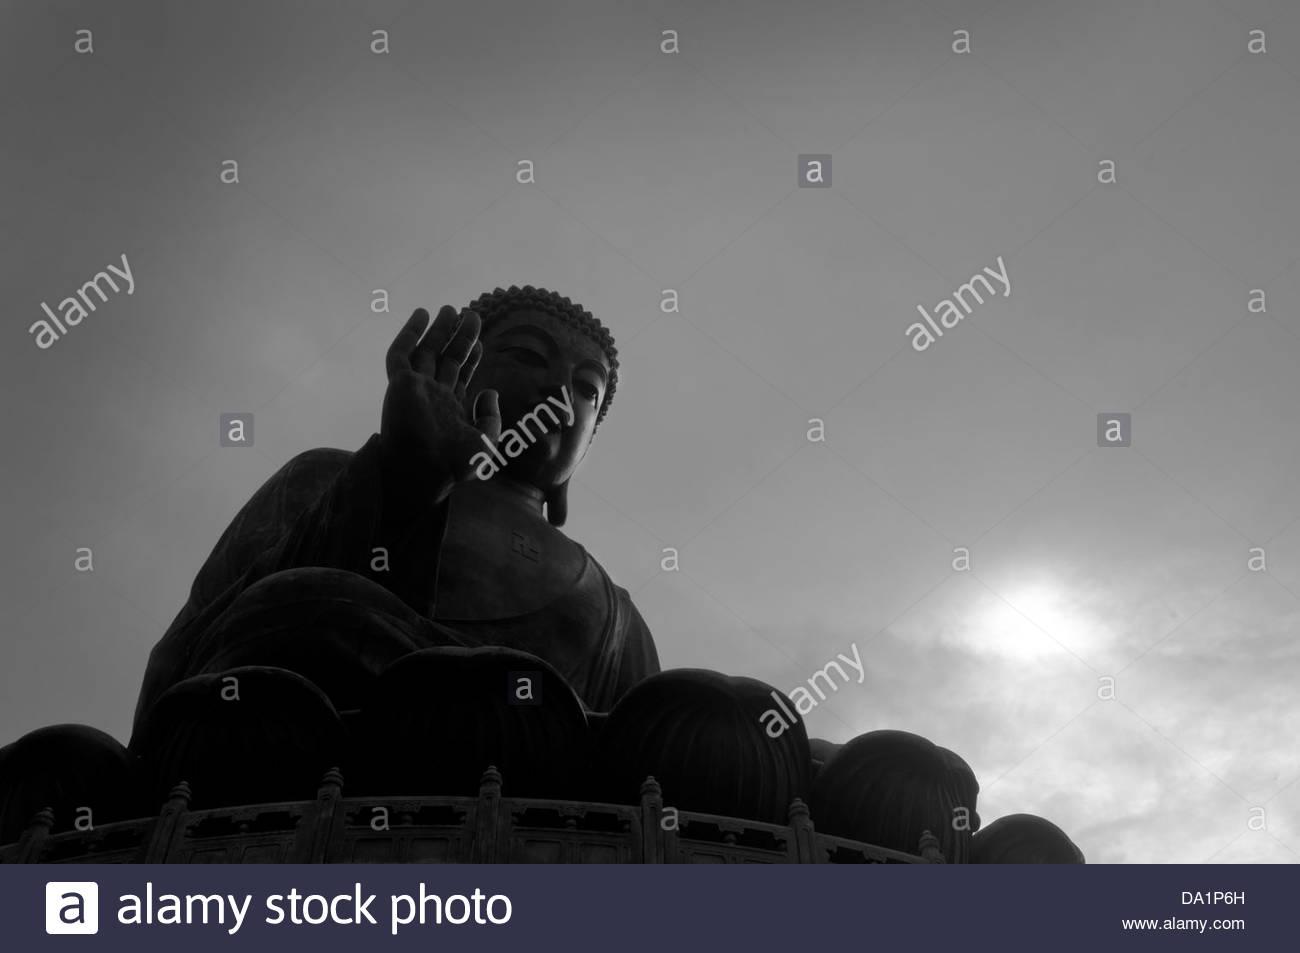 THE BIG BUDDHA ON TOP OF THE PO LING MONASTERY LANTAU ISLAND HONG KONG - Stock Image